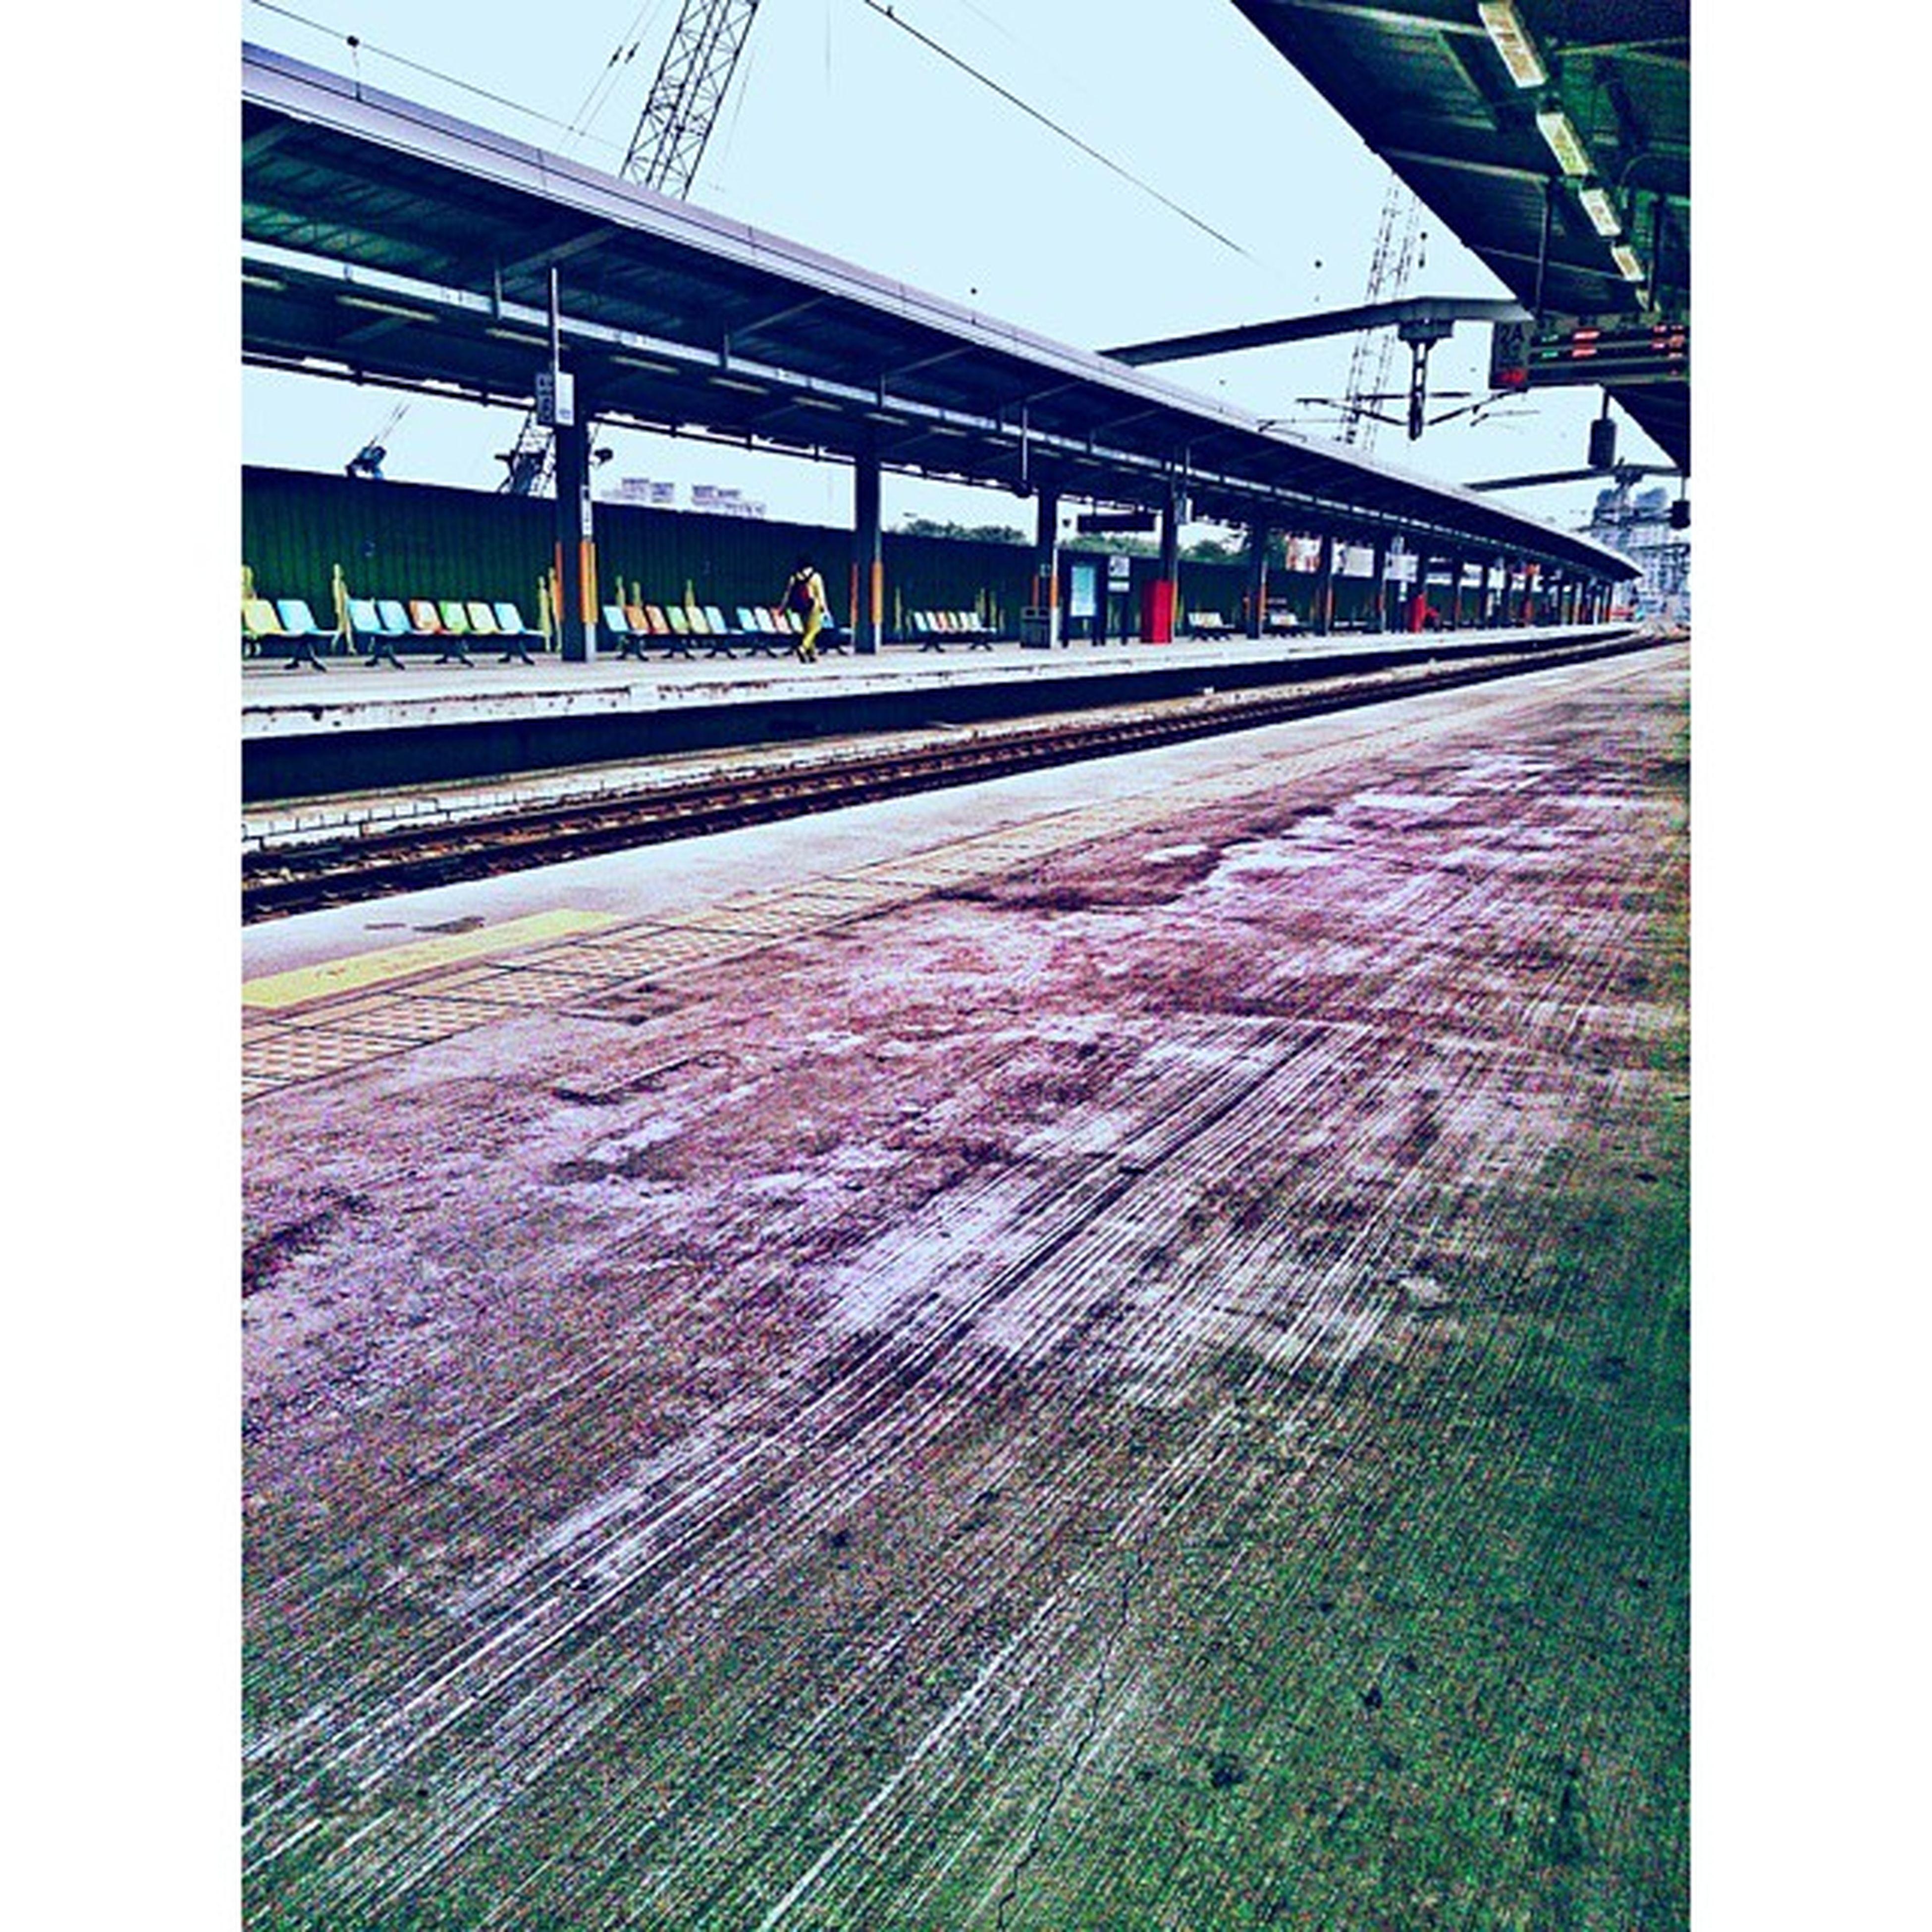 回家回家 鳳山火車站 冷冷的 回家囉